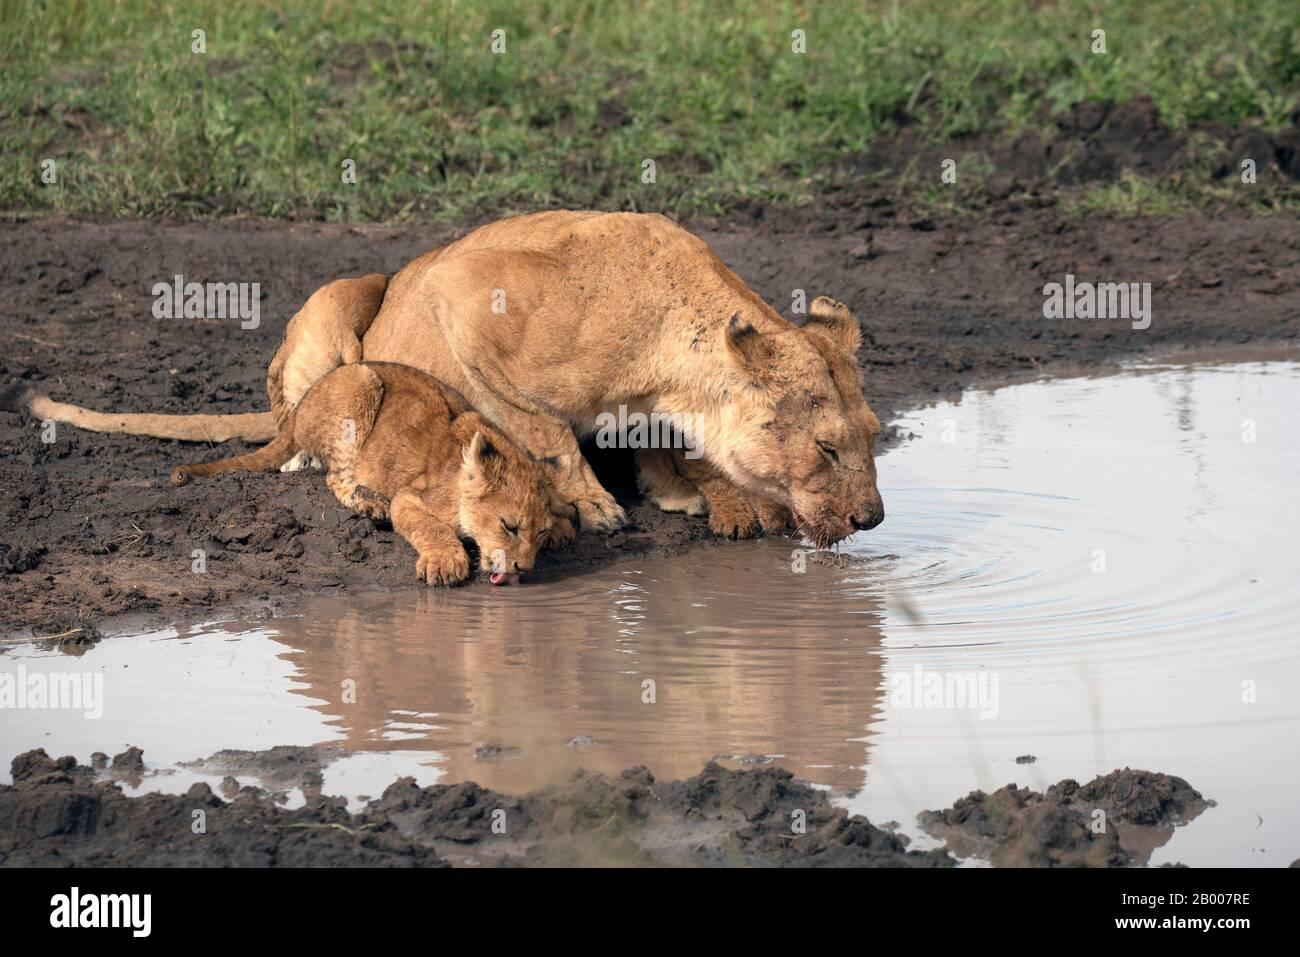 Leona y cachorro rompiendo el agua en un charco fangoso Foto de stock